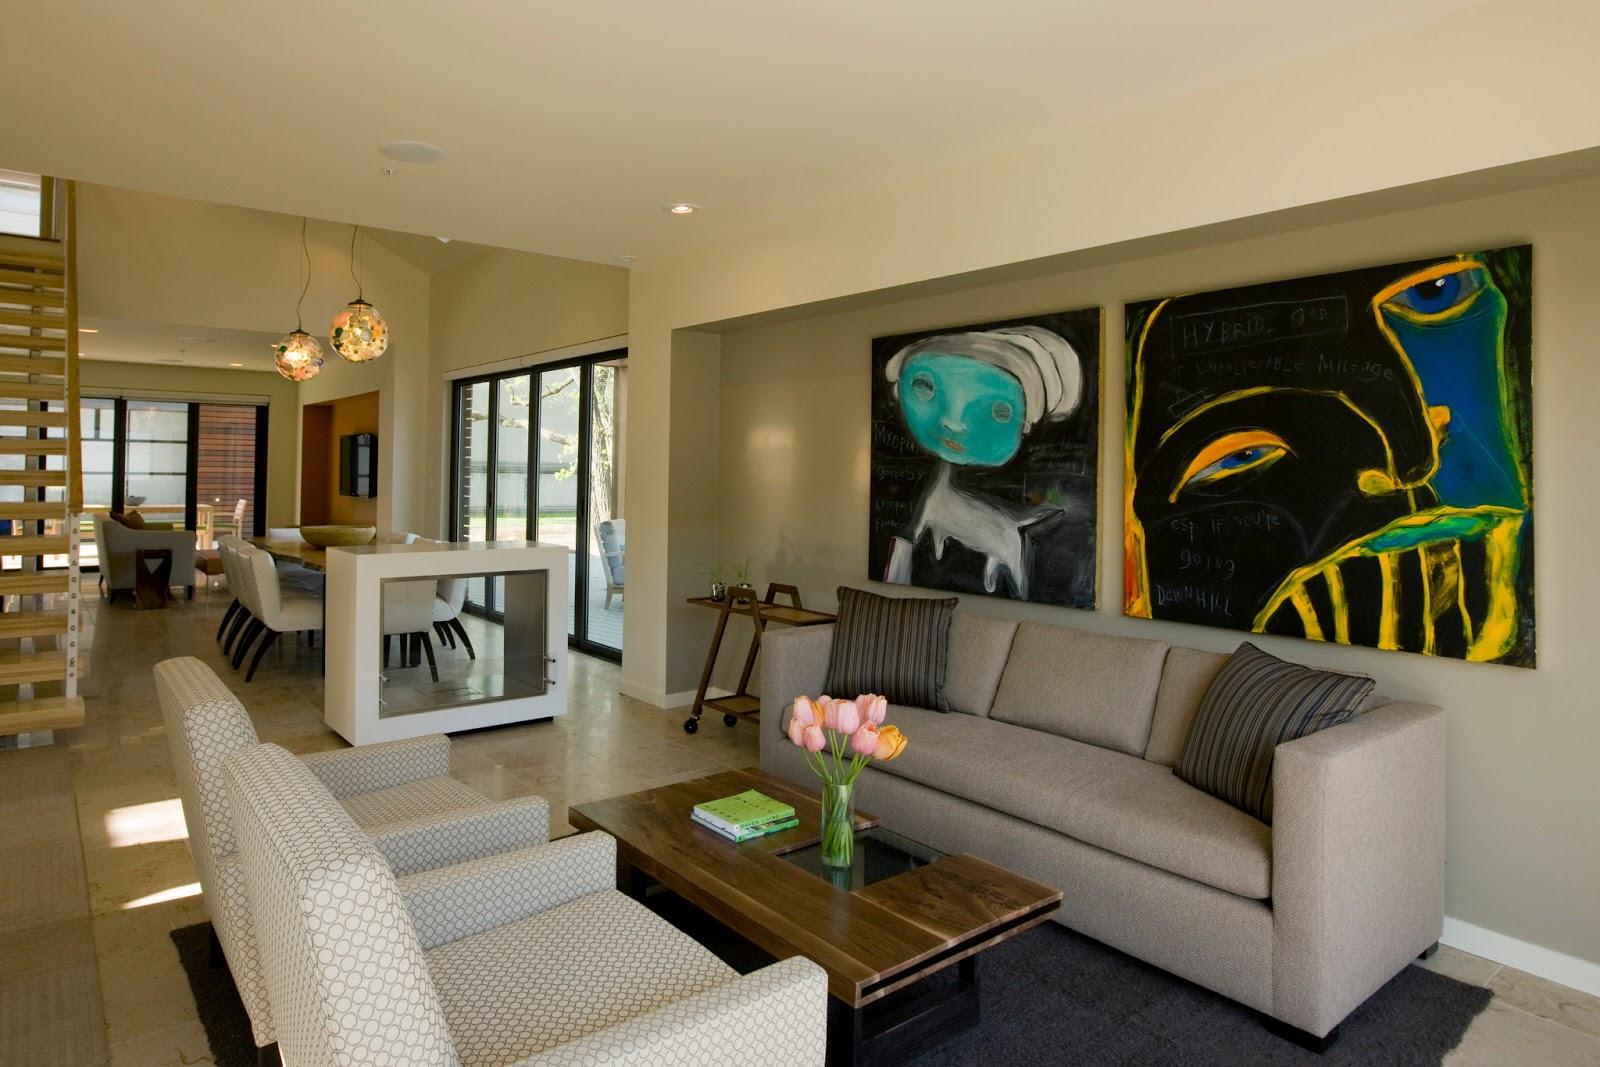 Temukan Pilihan Desain Untuk Ruang Tamu Kecil Anda Akan Menemukan Minimalis Mungil Design